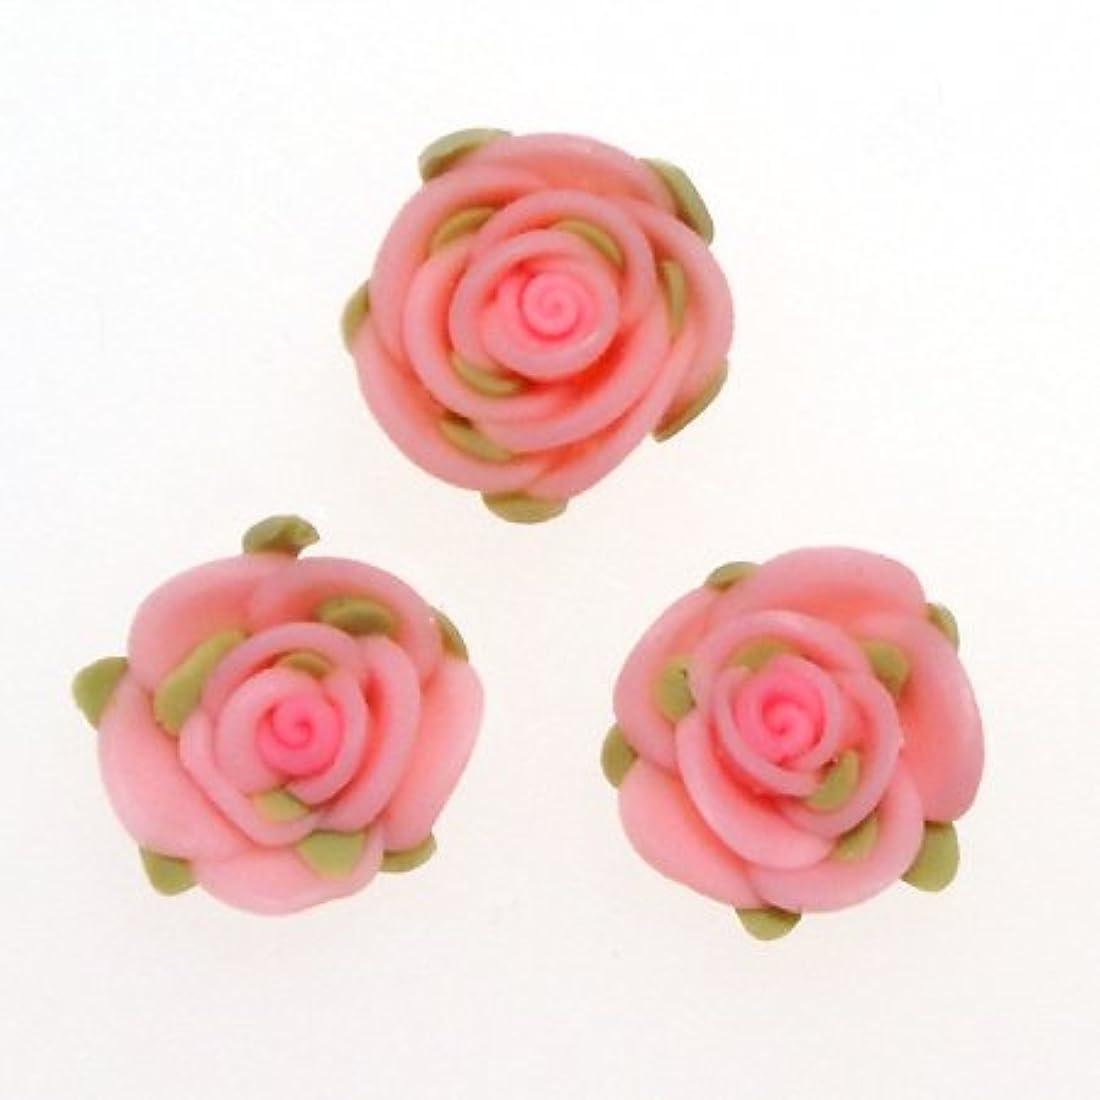 詩人気づかないうまデコパーツ 葉も付いてる2cm大きな樹脂薔薇[d-r3] レジンパーツ レジンクラフト